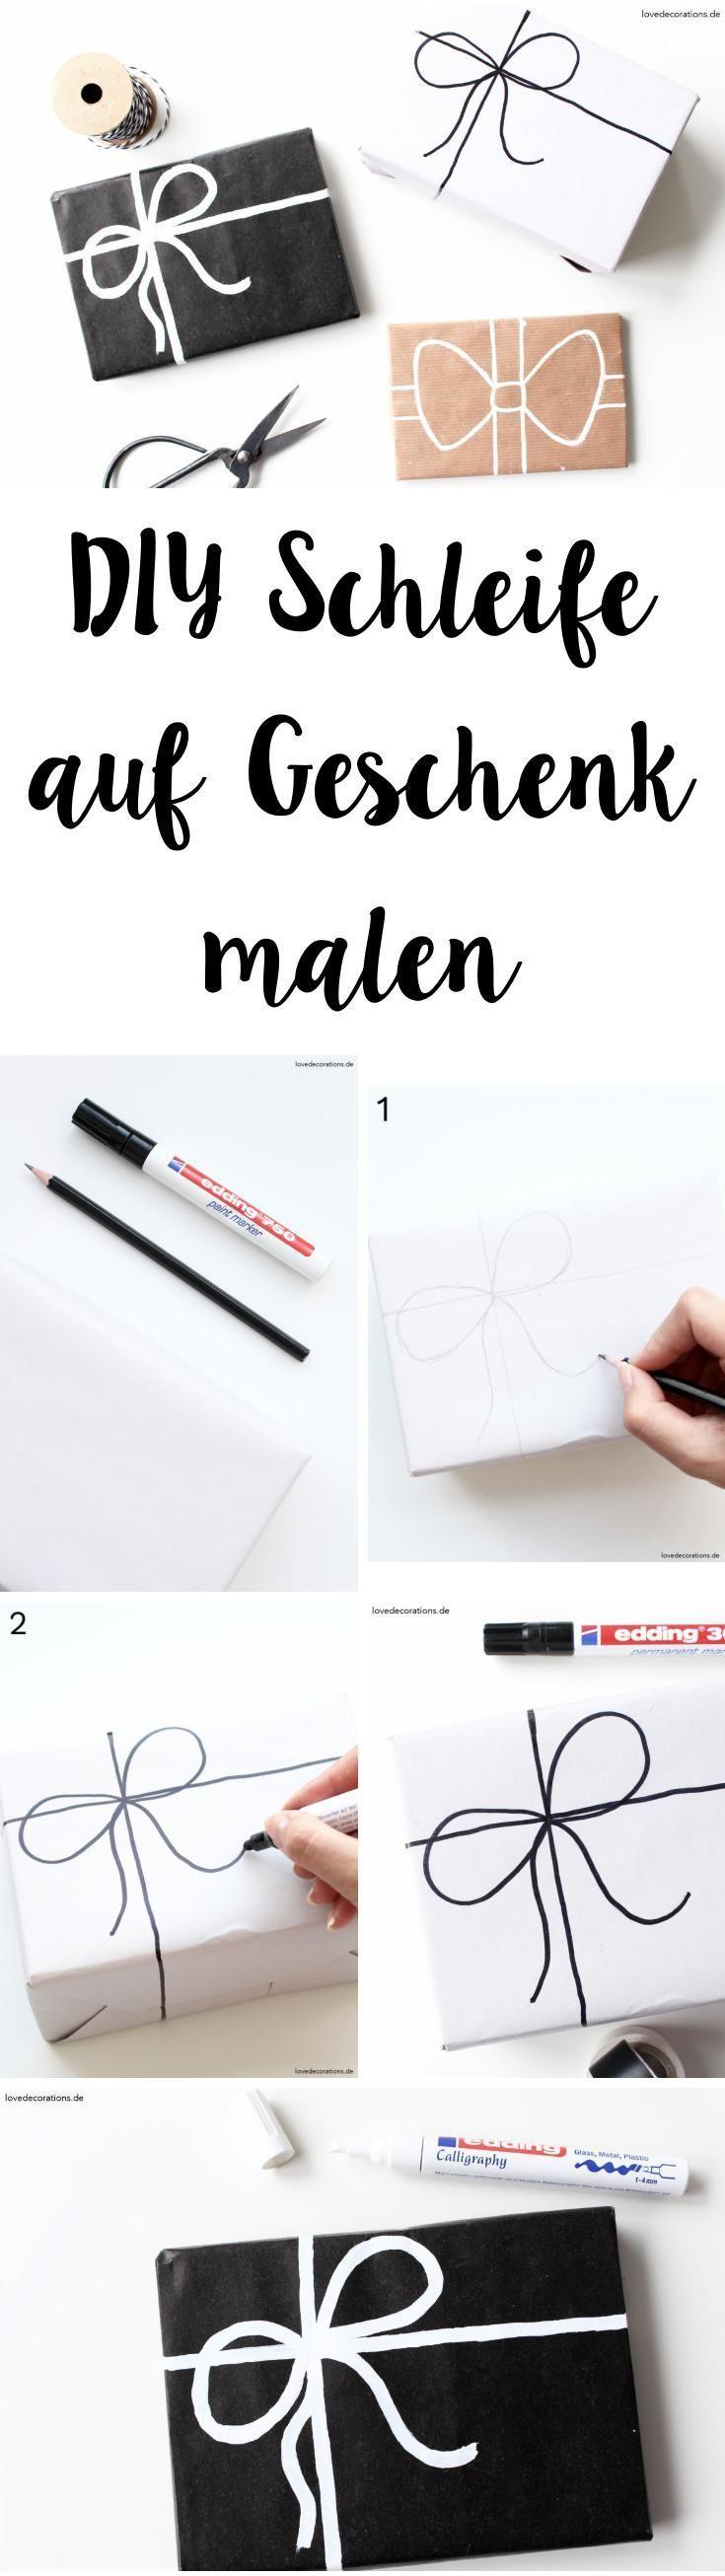 DIY Schleife auf Geschenkpapier malen + Insta-Stories - Love Decorations